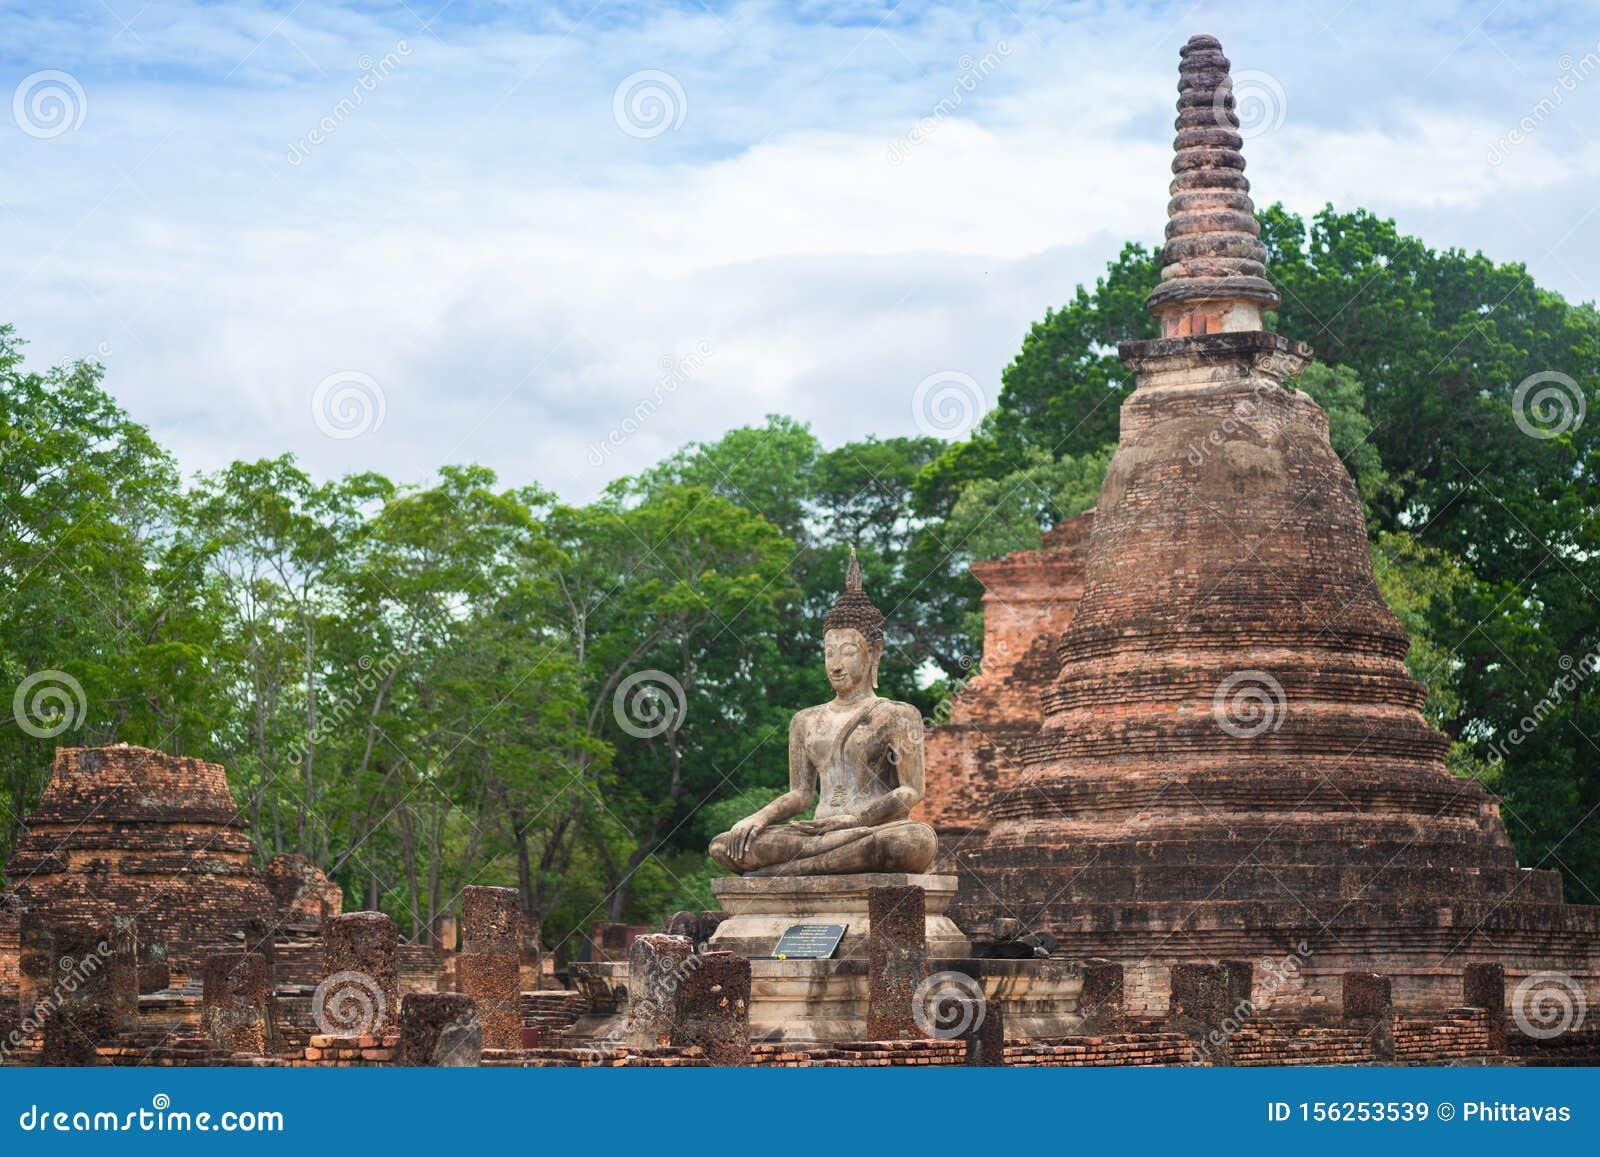 Beautiful Ancient Buddha At Sukhothai Historical Park Sukhothai Thailand Stock Image Image Of Buddhism Historical 156253539